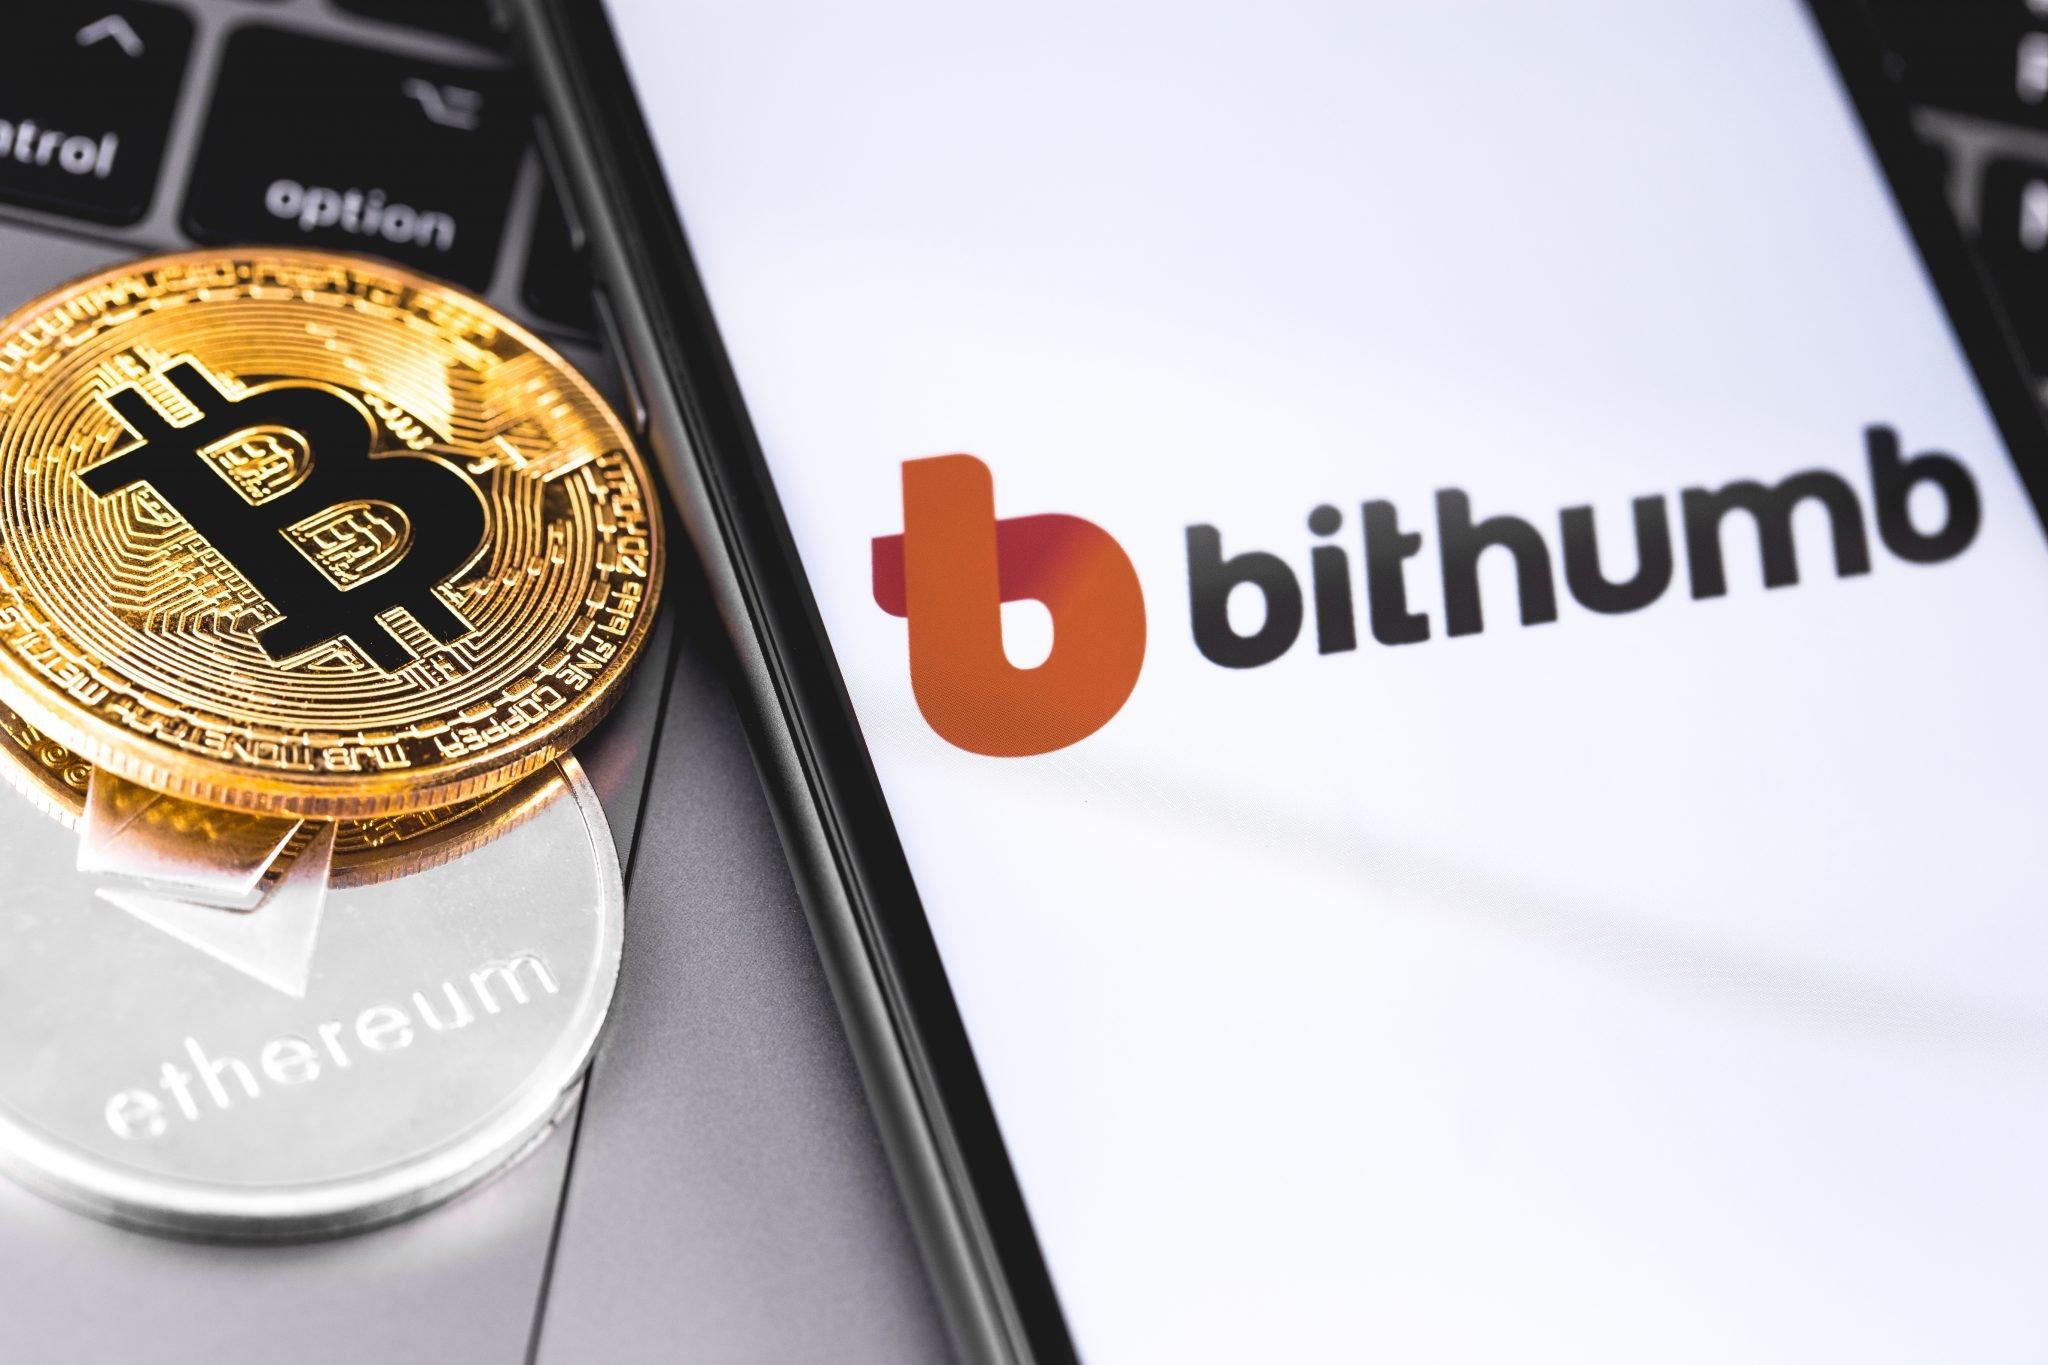 bitcoins, Bithumb logo of crypto-exchange on the screen smartpho